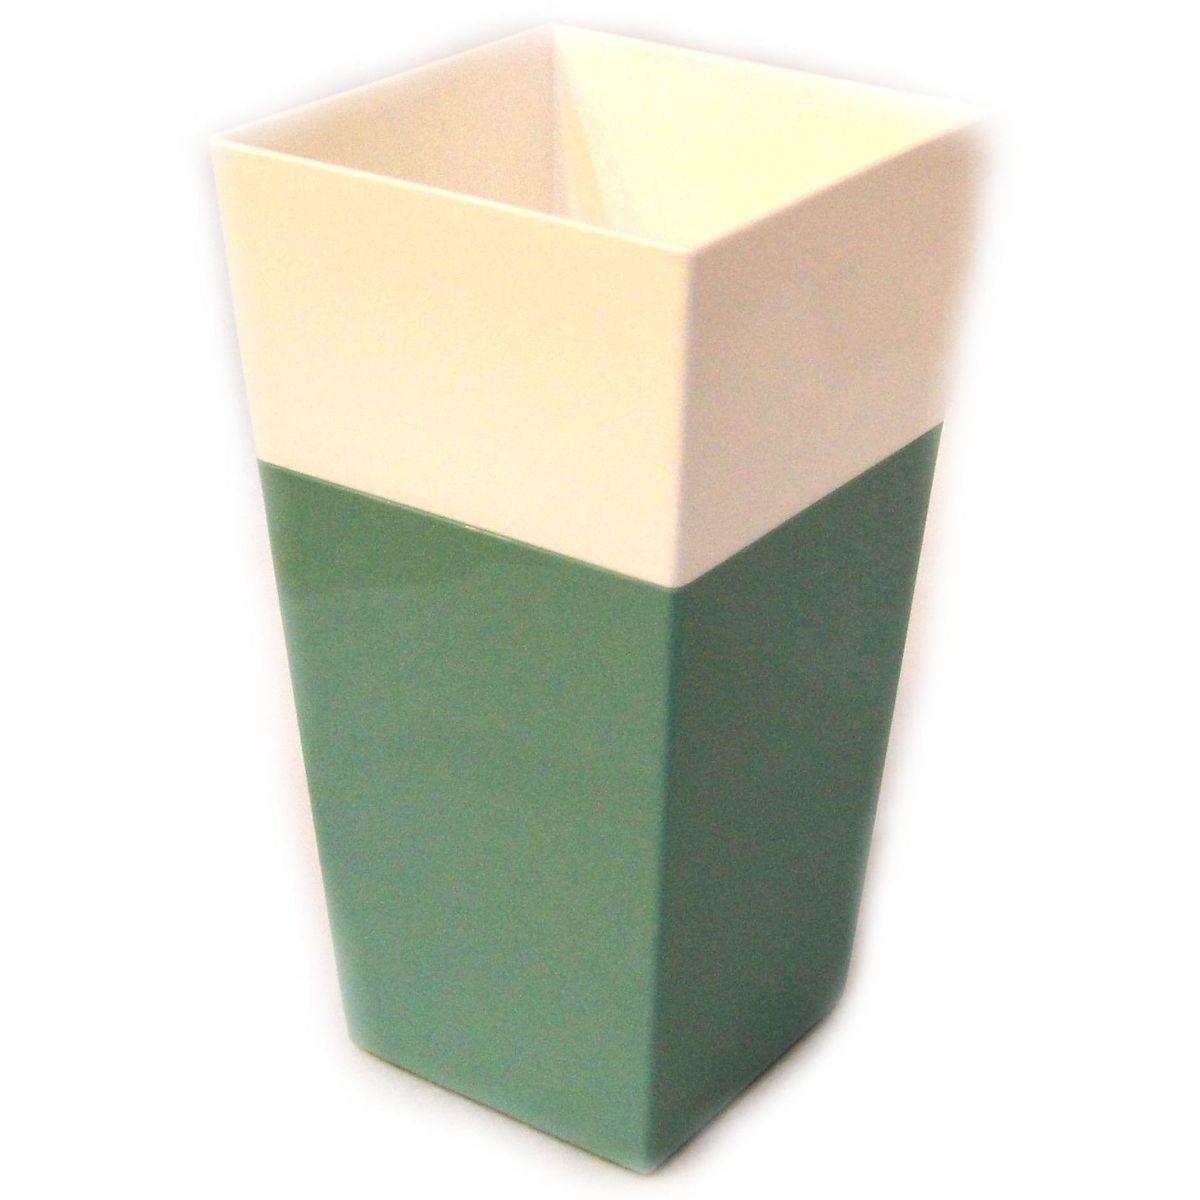 Кашпо JetPlast Дуэт, цвет: нефрит, белый, высота 34 см531-402Кашпо имеет строгий дизайн и состоит из двух частей: верхней части для цветка и нижней – поддона. Конструкция горшка позволяет, при желании, использовать систему фитильного полива, снабдив горшок веревкой. Оно изготовлено из прочного полипропилена (пластика).Размеры кашпо: 18 х 18 х 34 см.